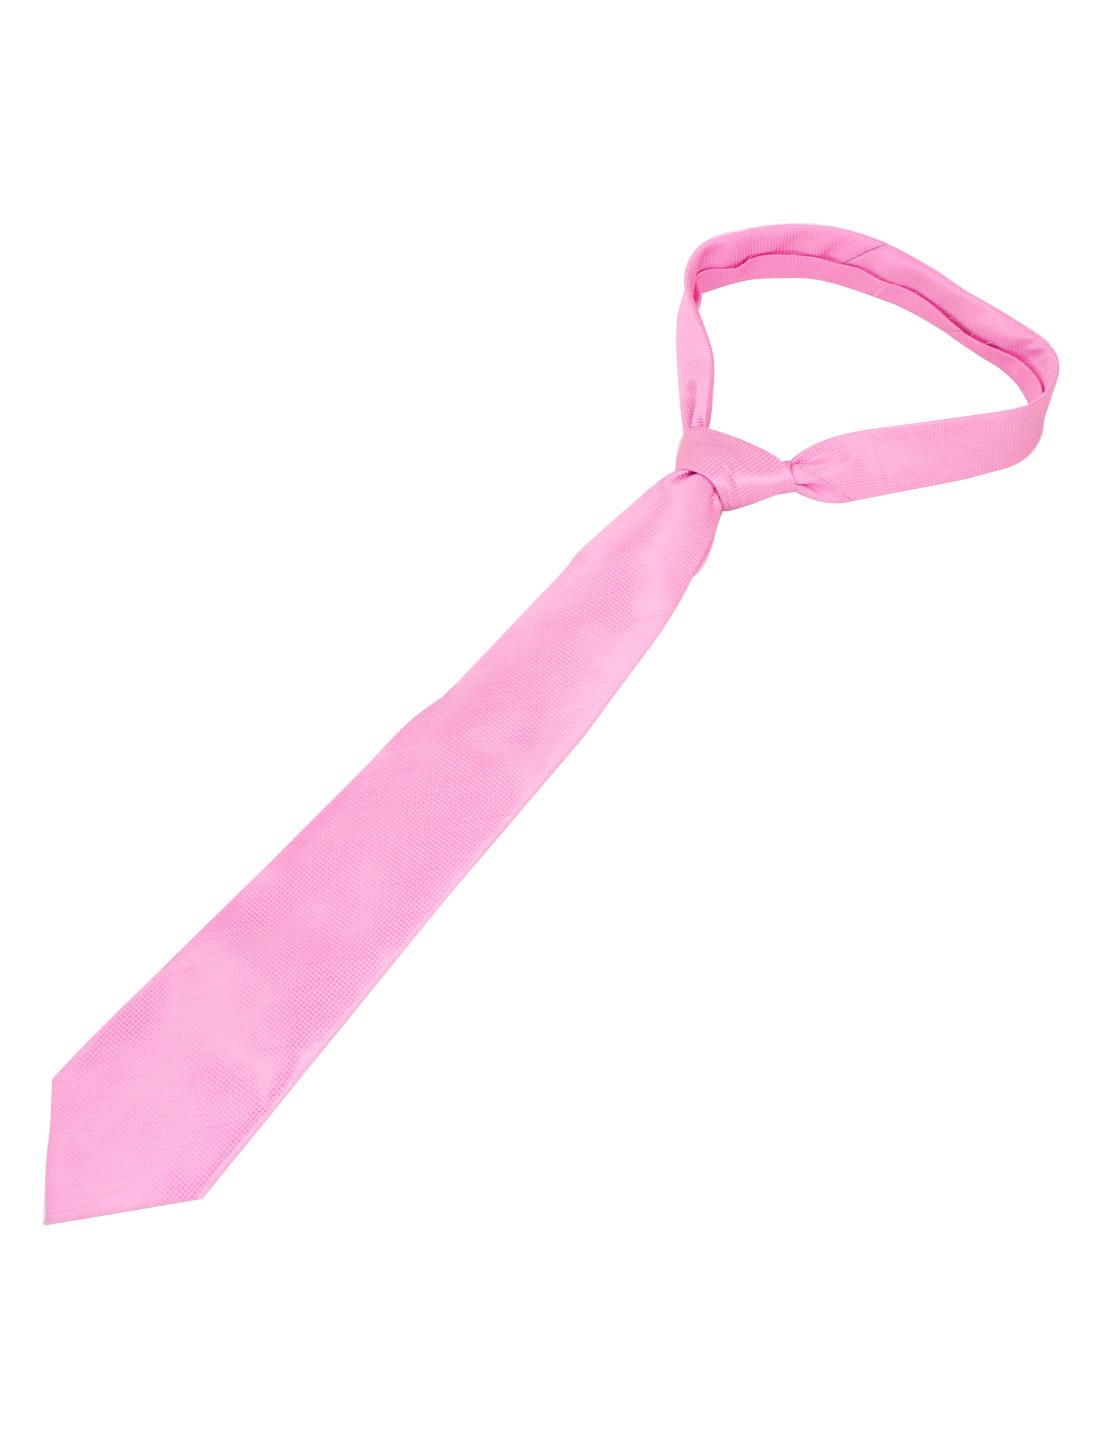 Man Checked Design Polyester Self Tie Adjustable Neckwear Necktie Light Pink